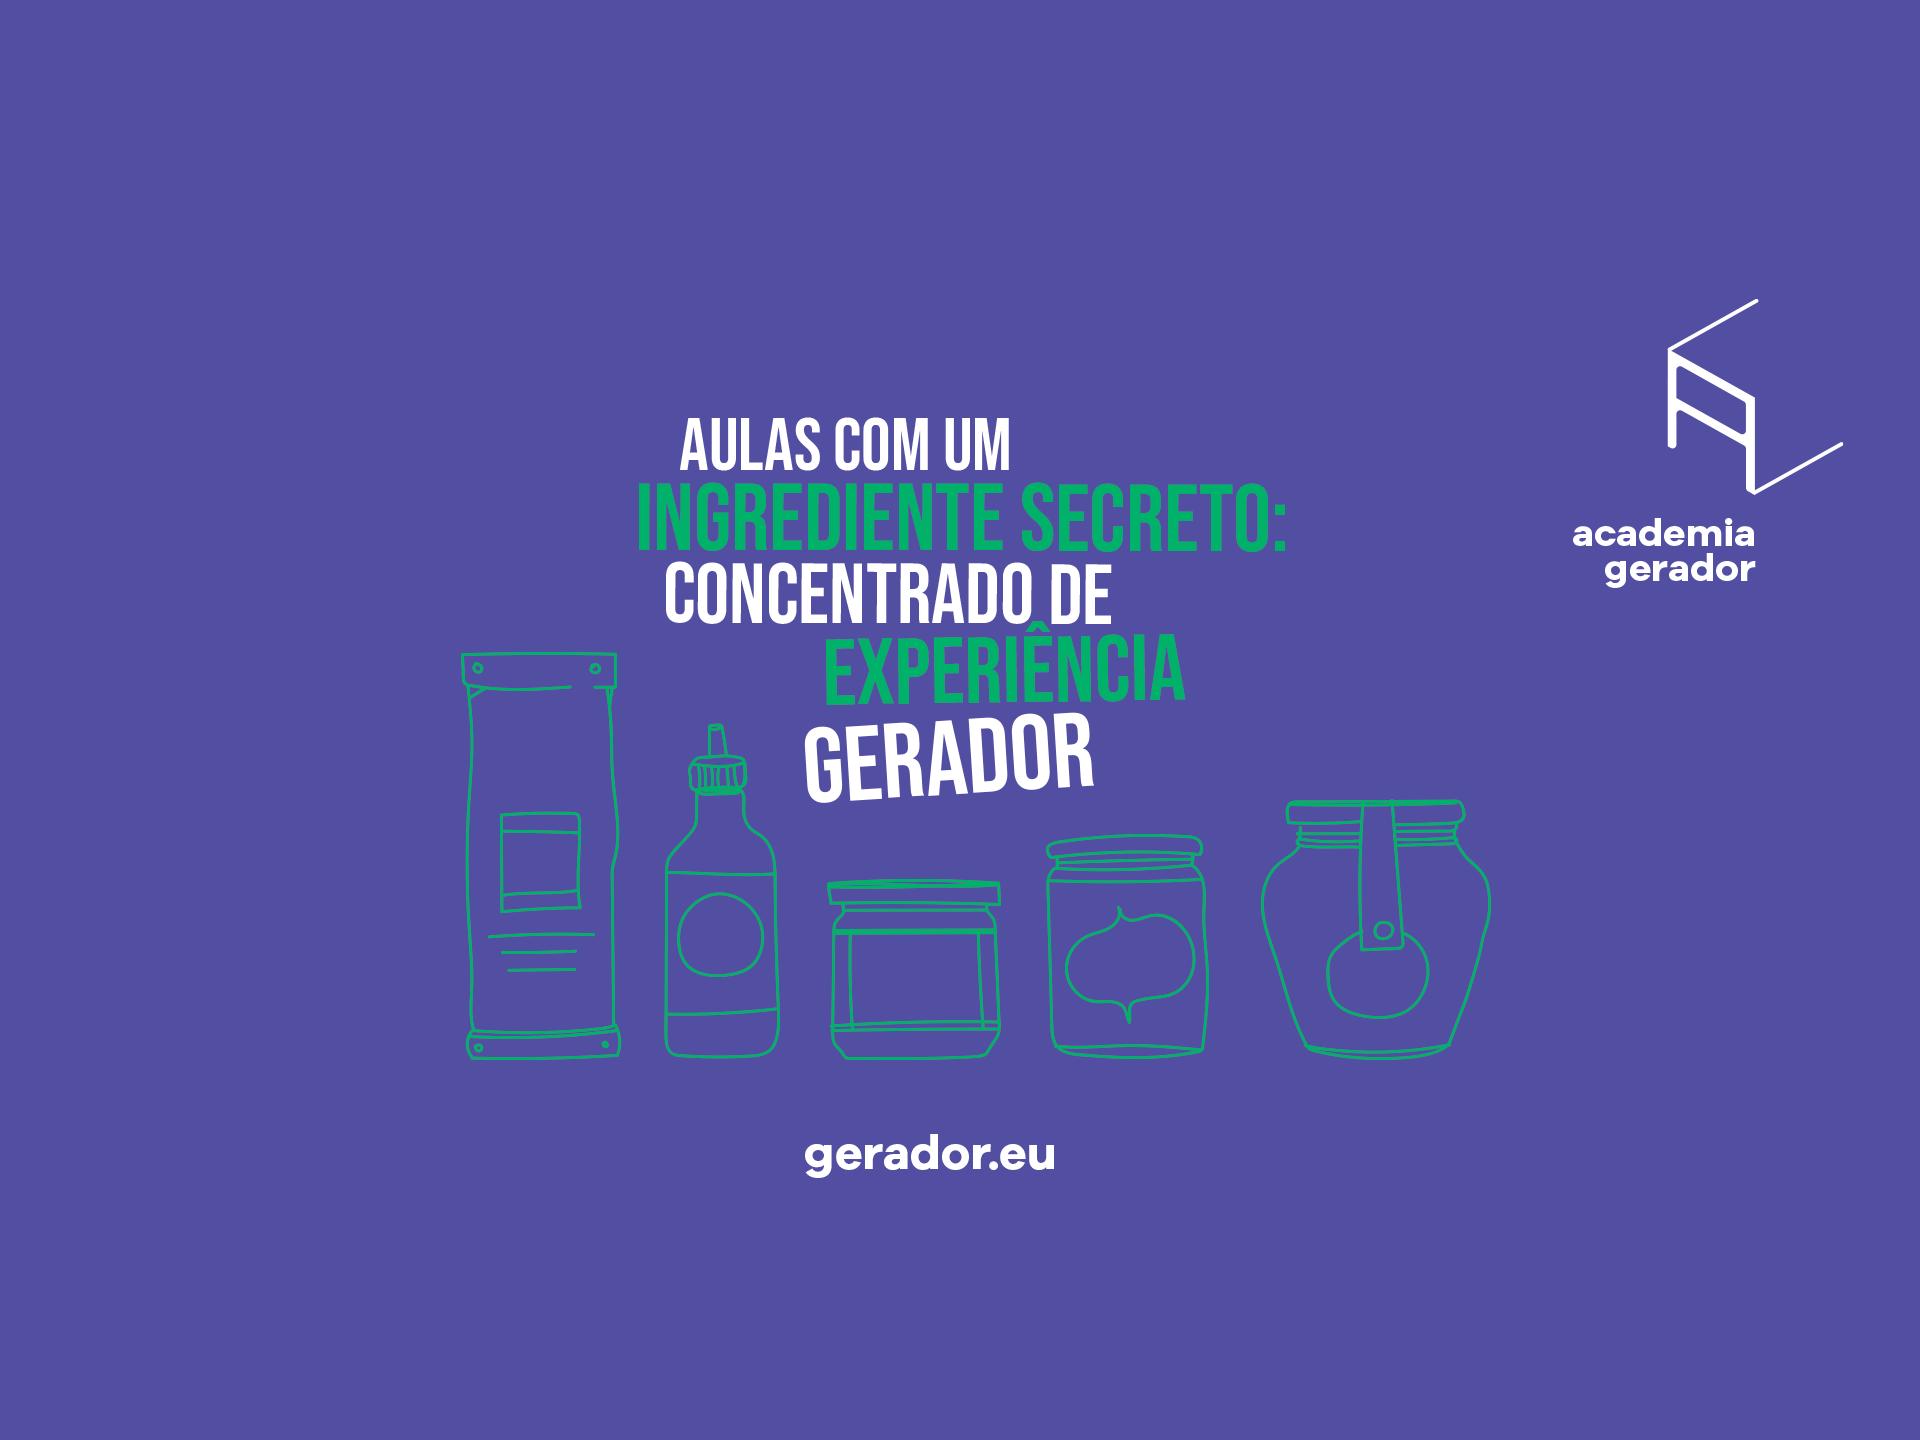 cursos_academia_gerador_tem_ingrediente_secreto_criatividade